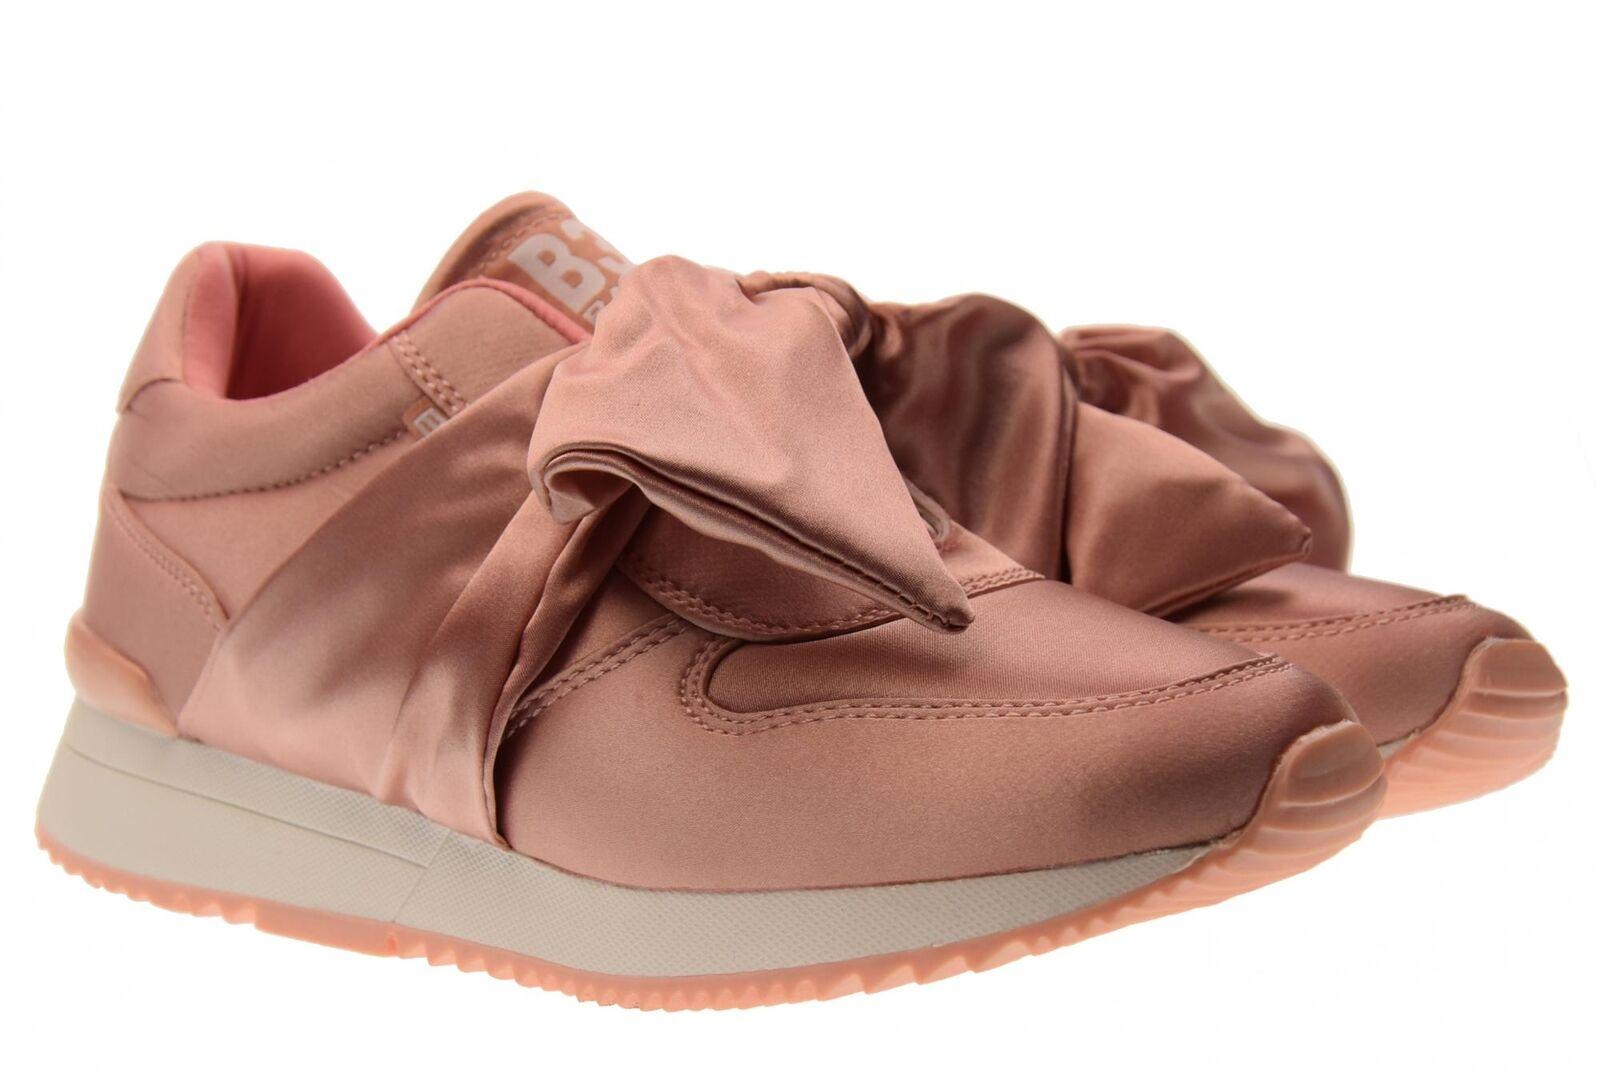 B3D Shoes A Basket S Basse 41434 ROSA P18 7780e8